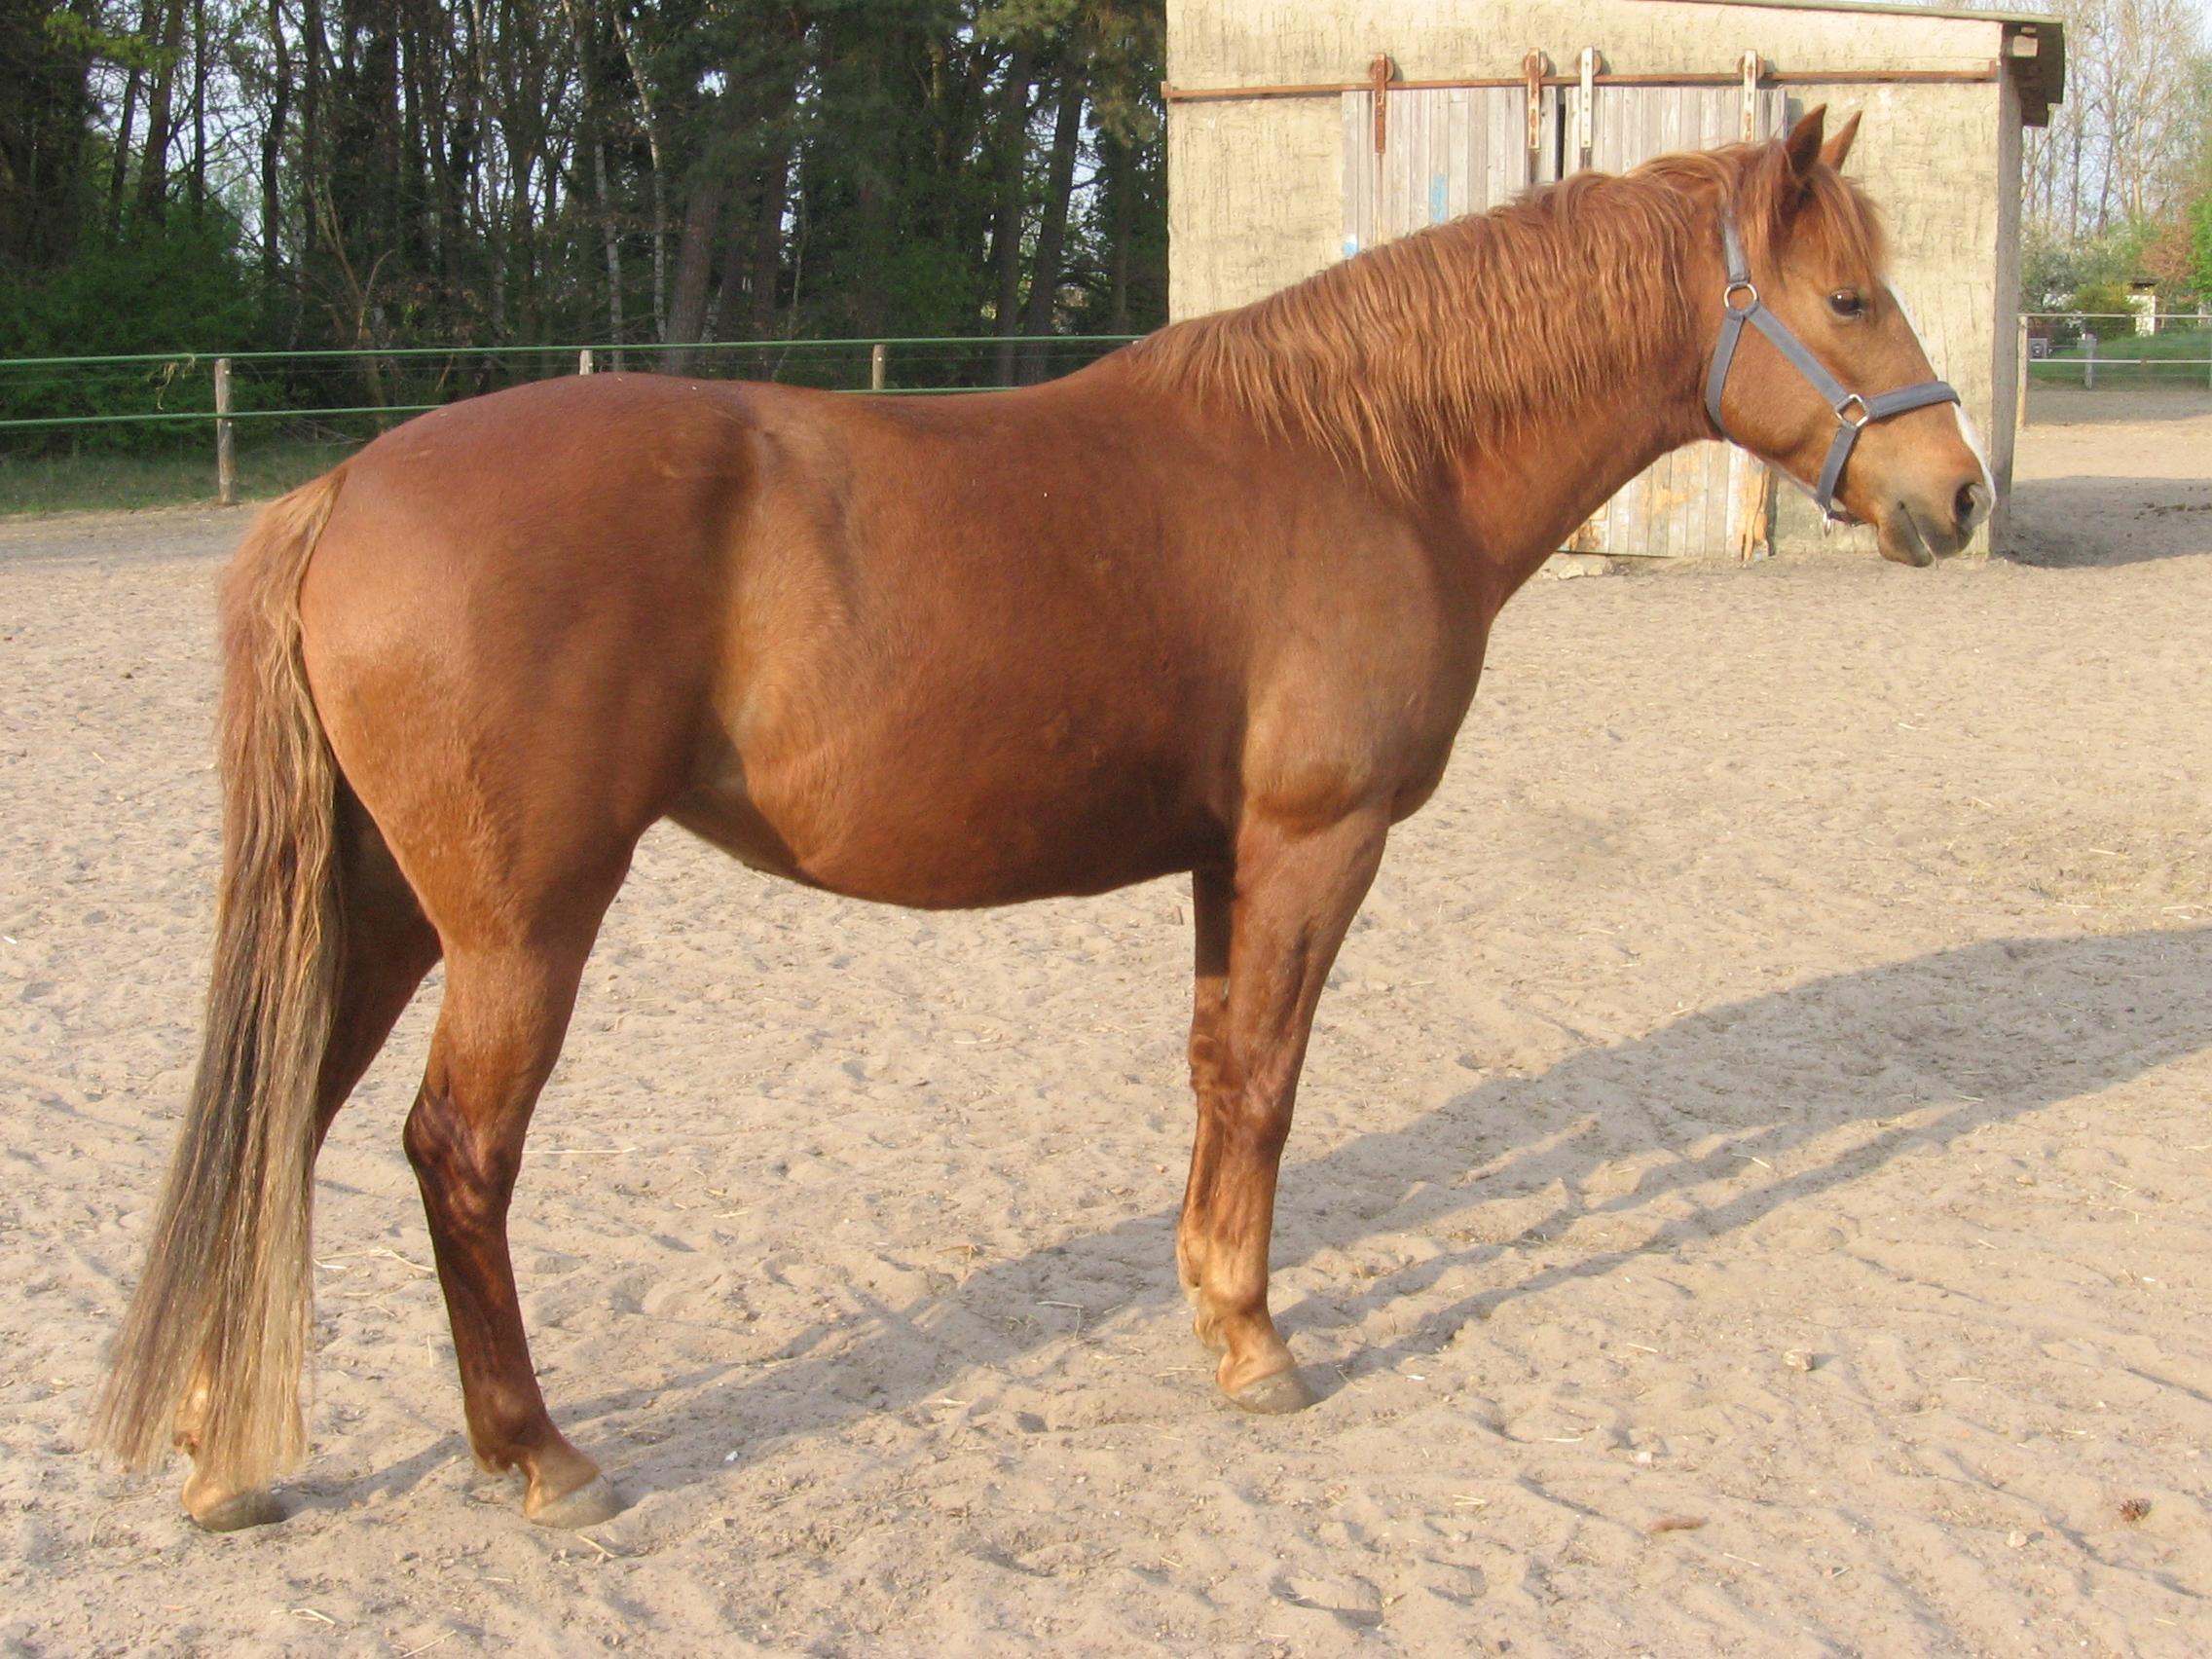 بالصور صور حصان , اجمل حصان في العالم 1700 12